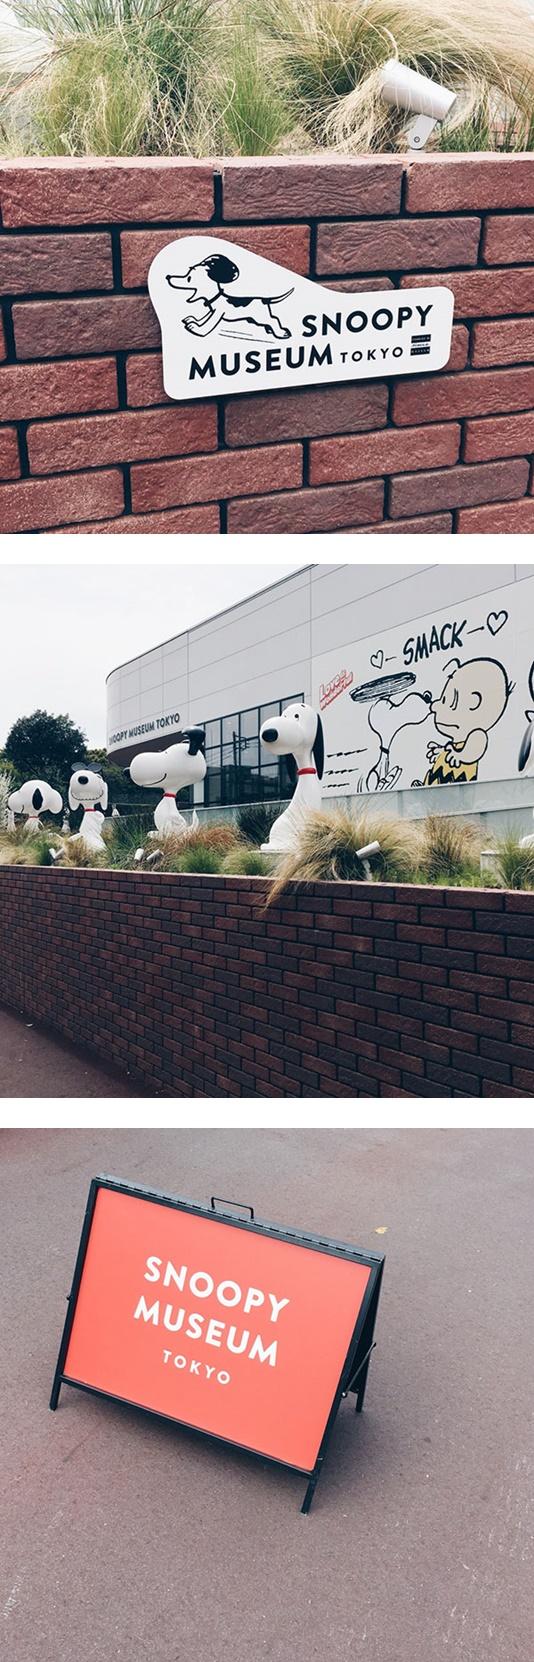 東京SNOOPY咖啡館史努比博物館 (6).jpg